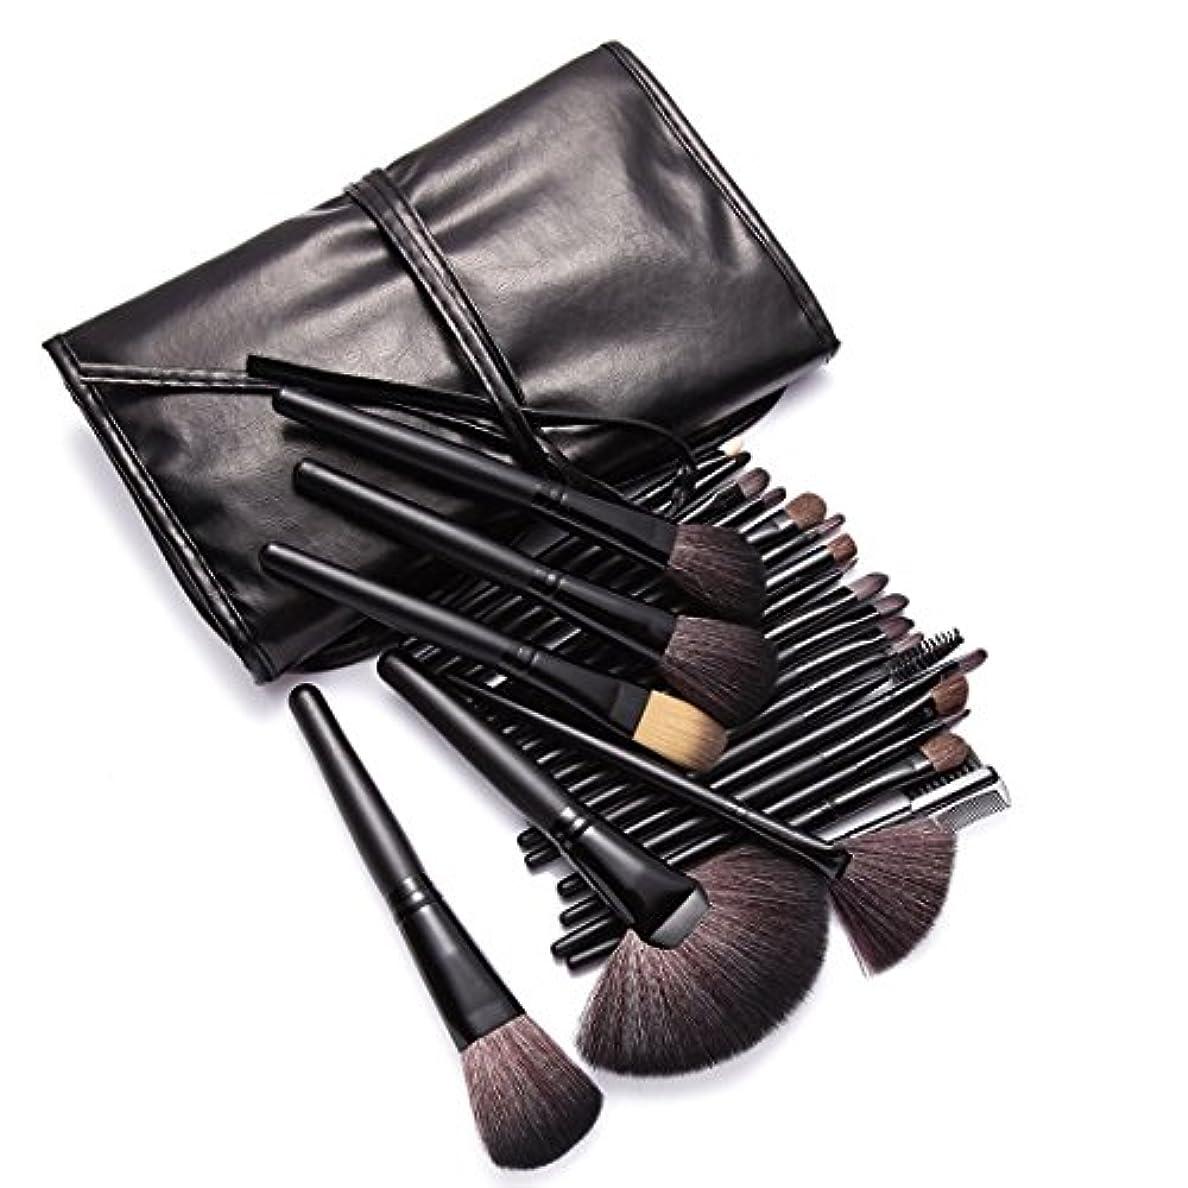 知的換気する知らせるKanCai プロのメイクアップブラシ 24本 高級 化粧筆 セット フェイス チーク アイシャドウ リップ ライナー ブロウ メイクブラシ (ブラック)